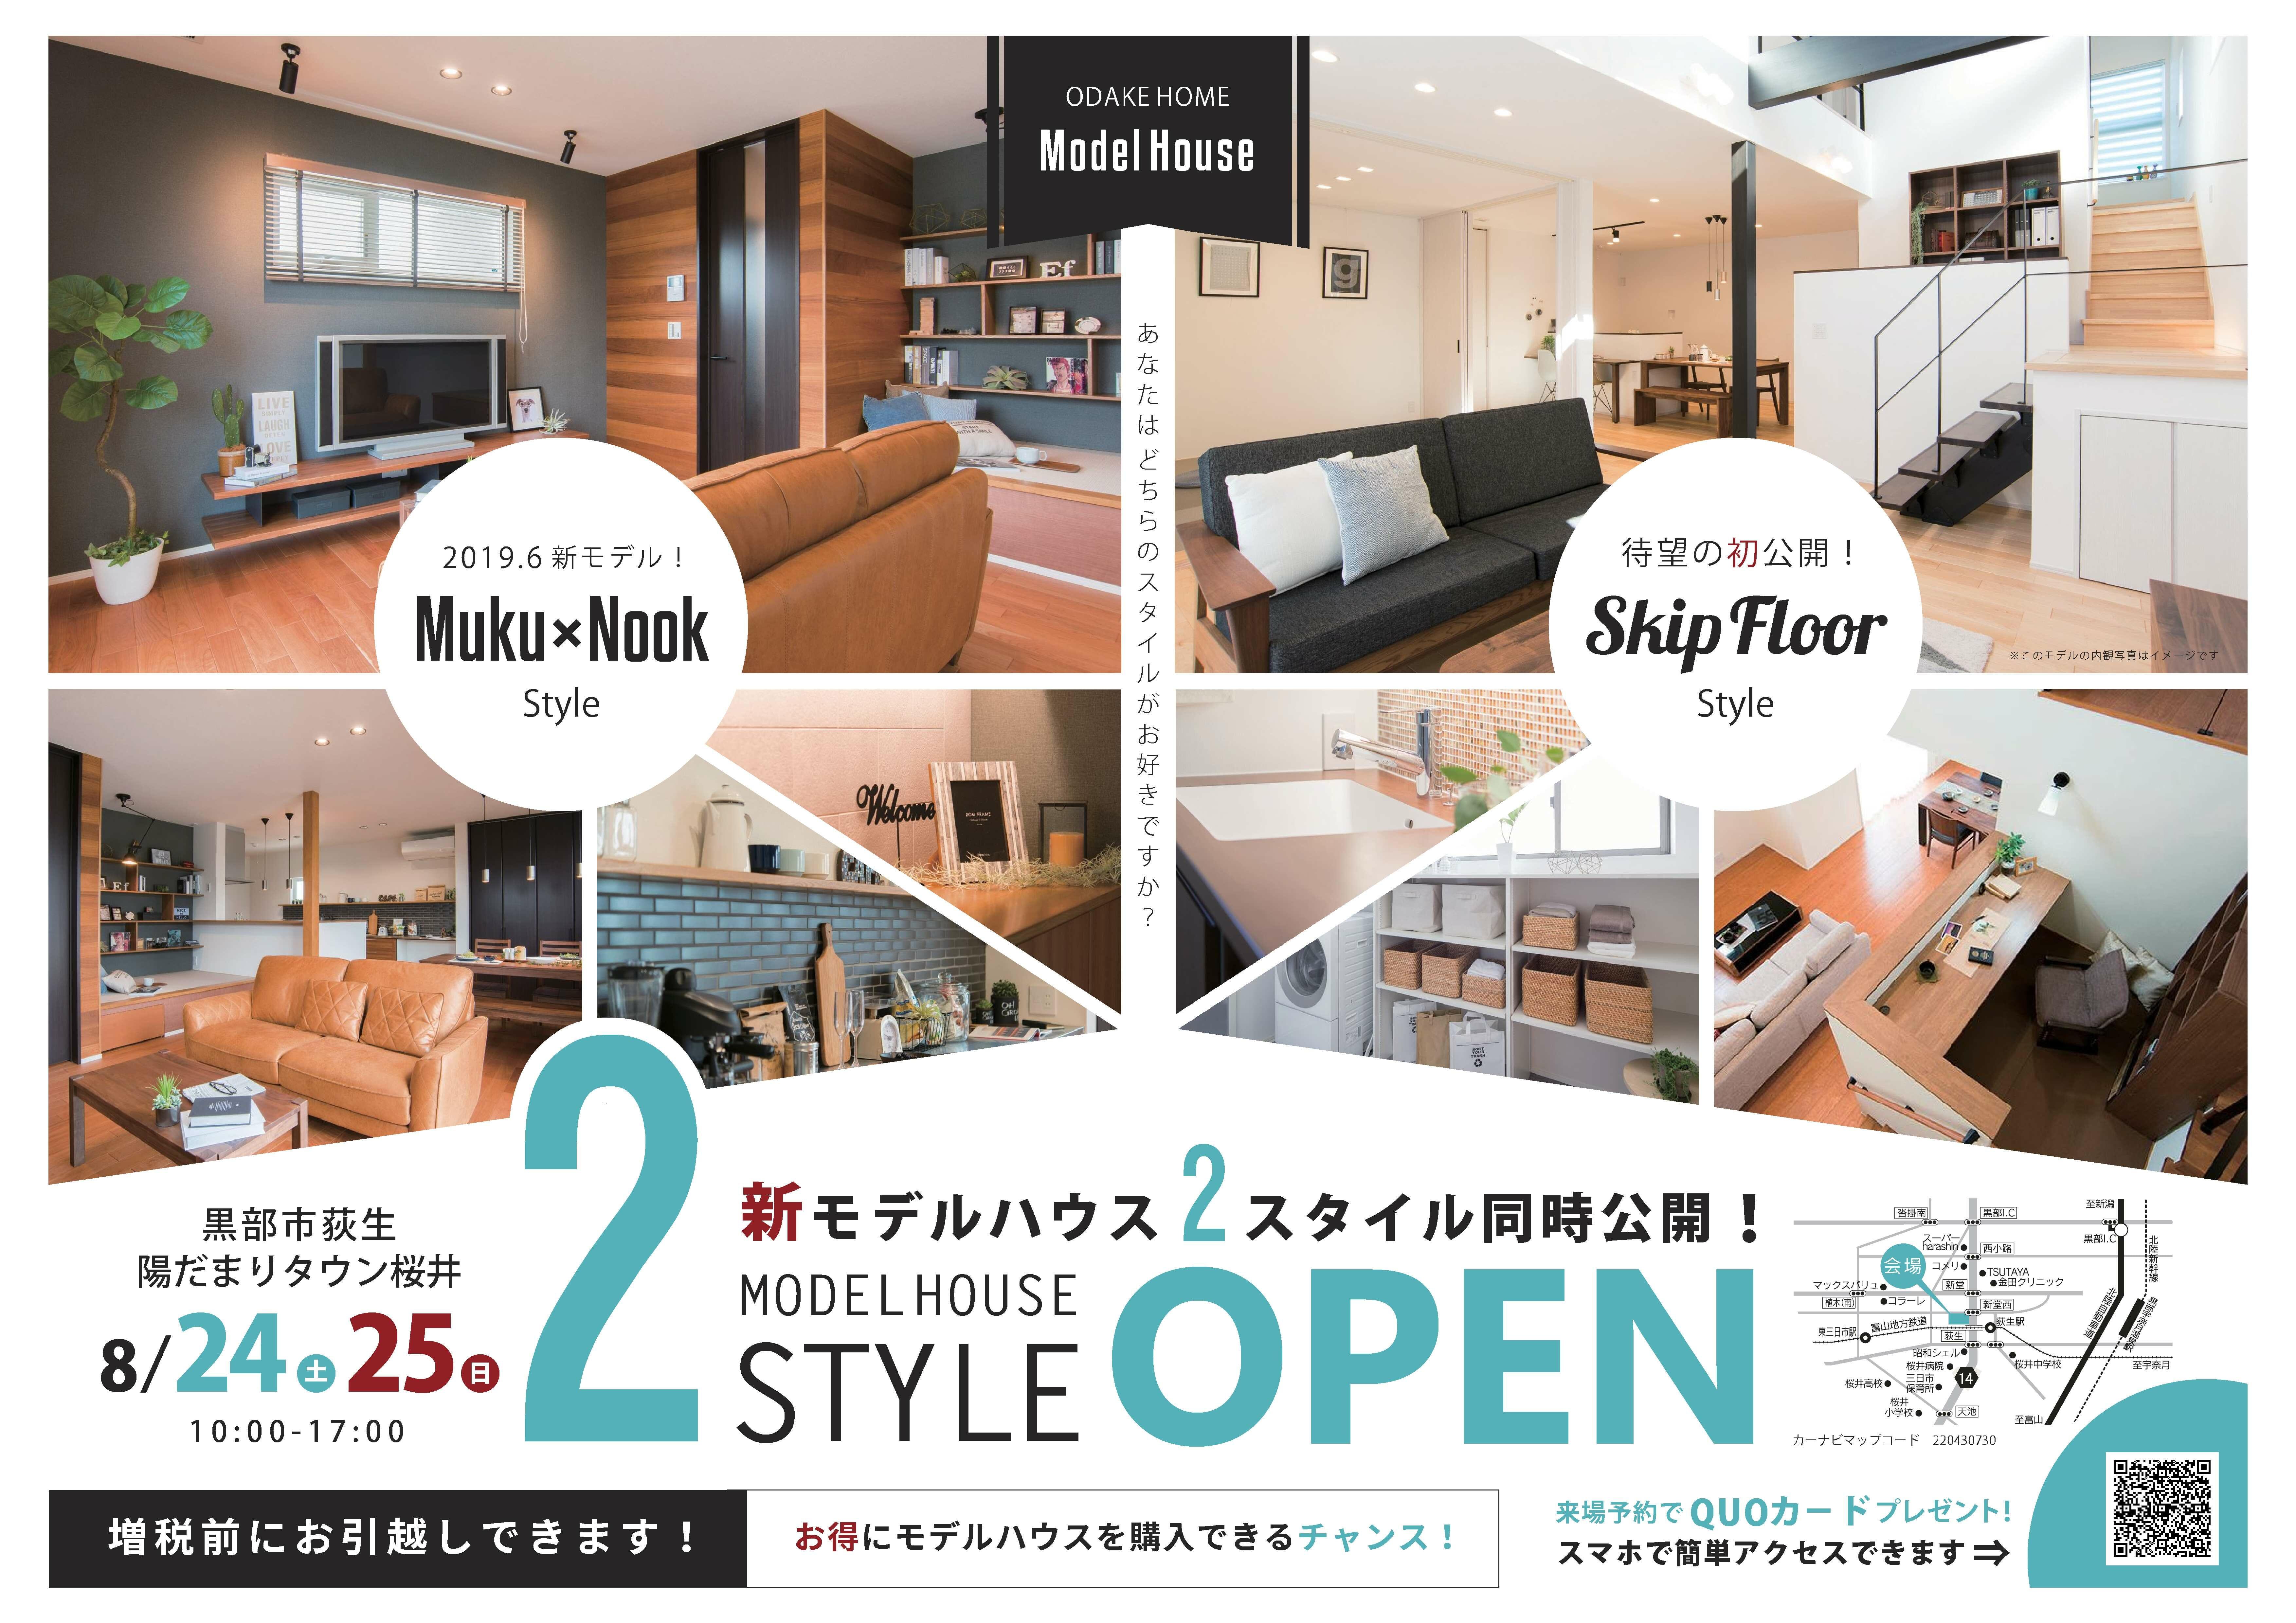 8/24(土)~25(日)黒部市陽だまりタウン桜井モデルNEW OPEN HOUSE